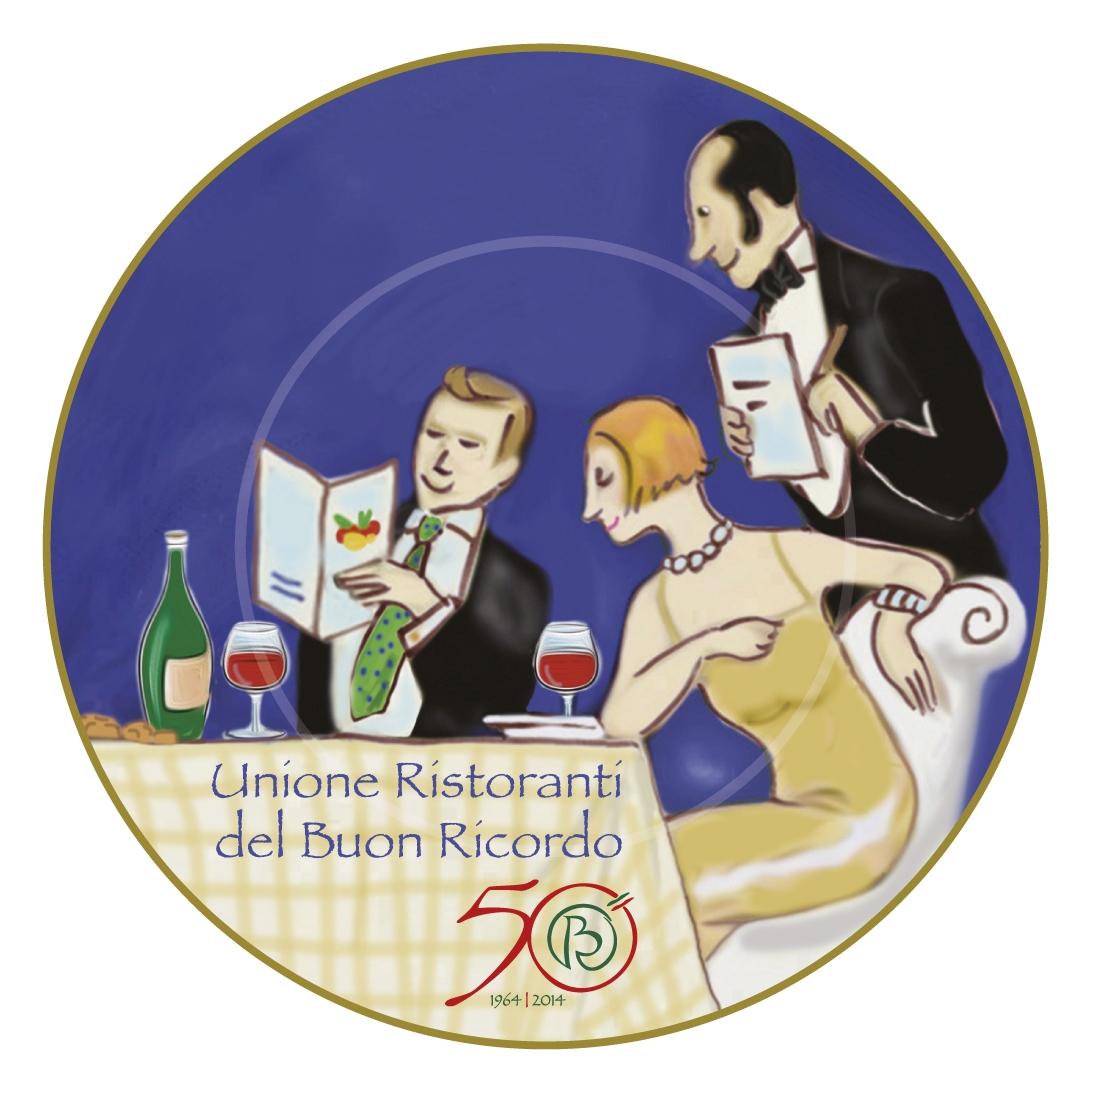 piatto del 50° dipinto a mano dagli artigiani della Ceramica Solimene di Vietri sul Mare